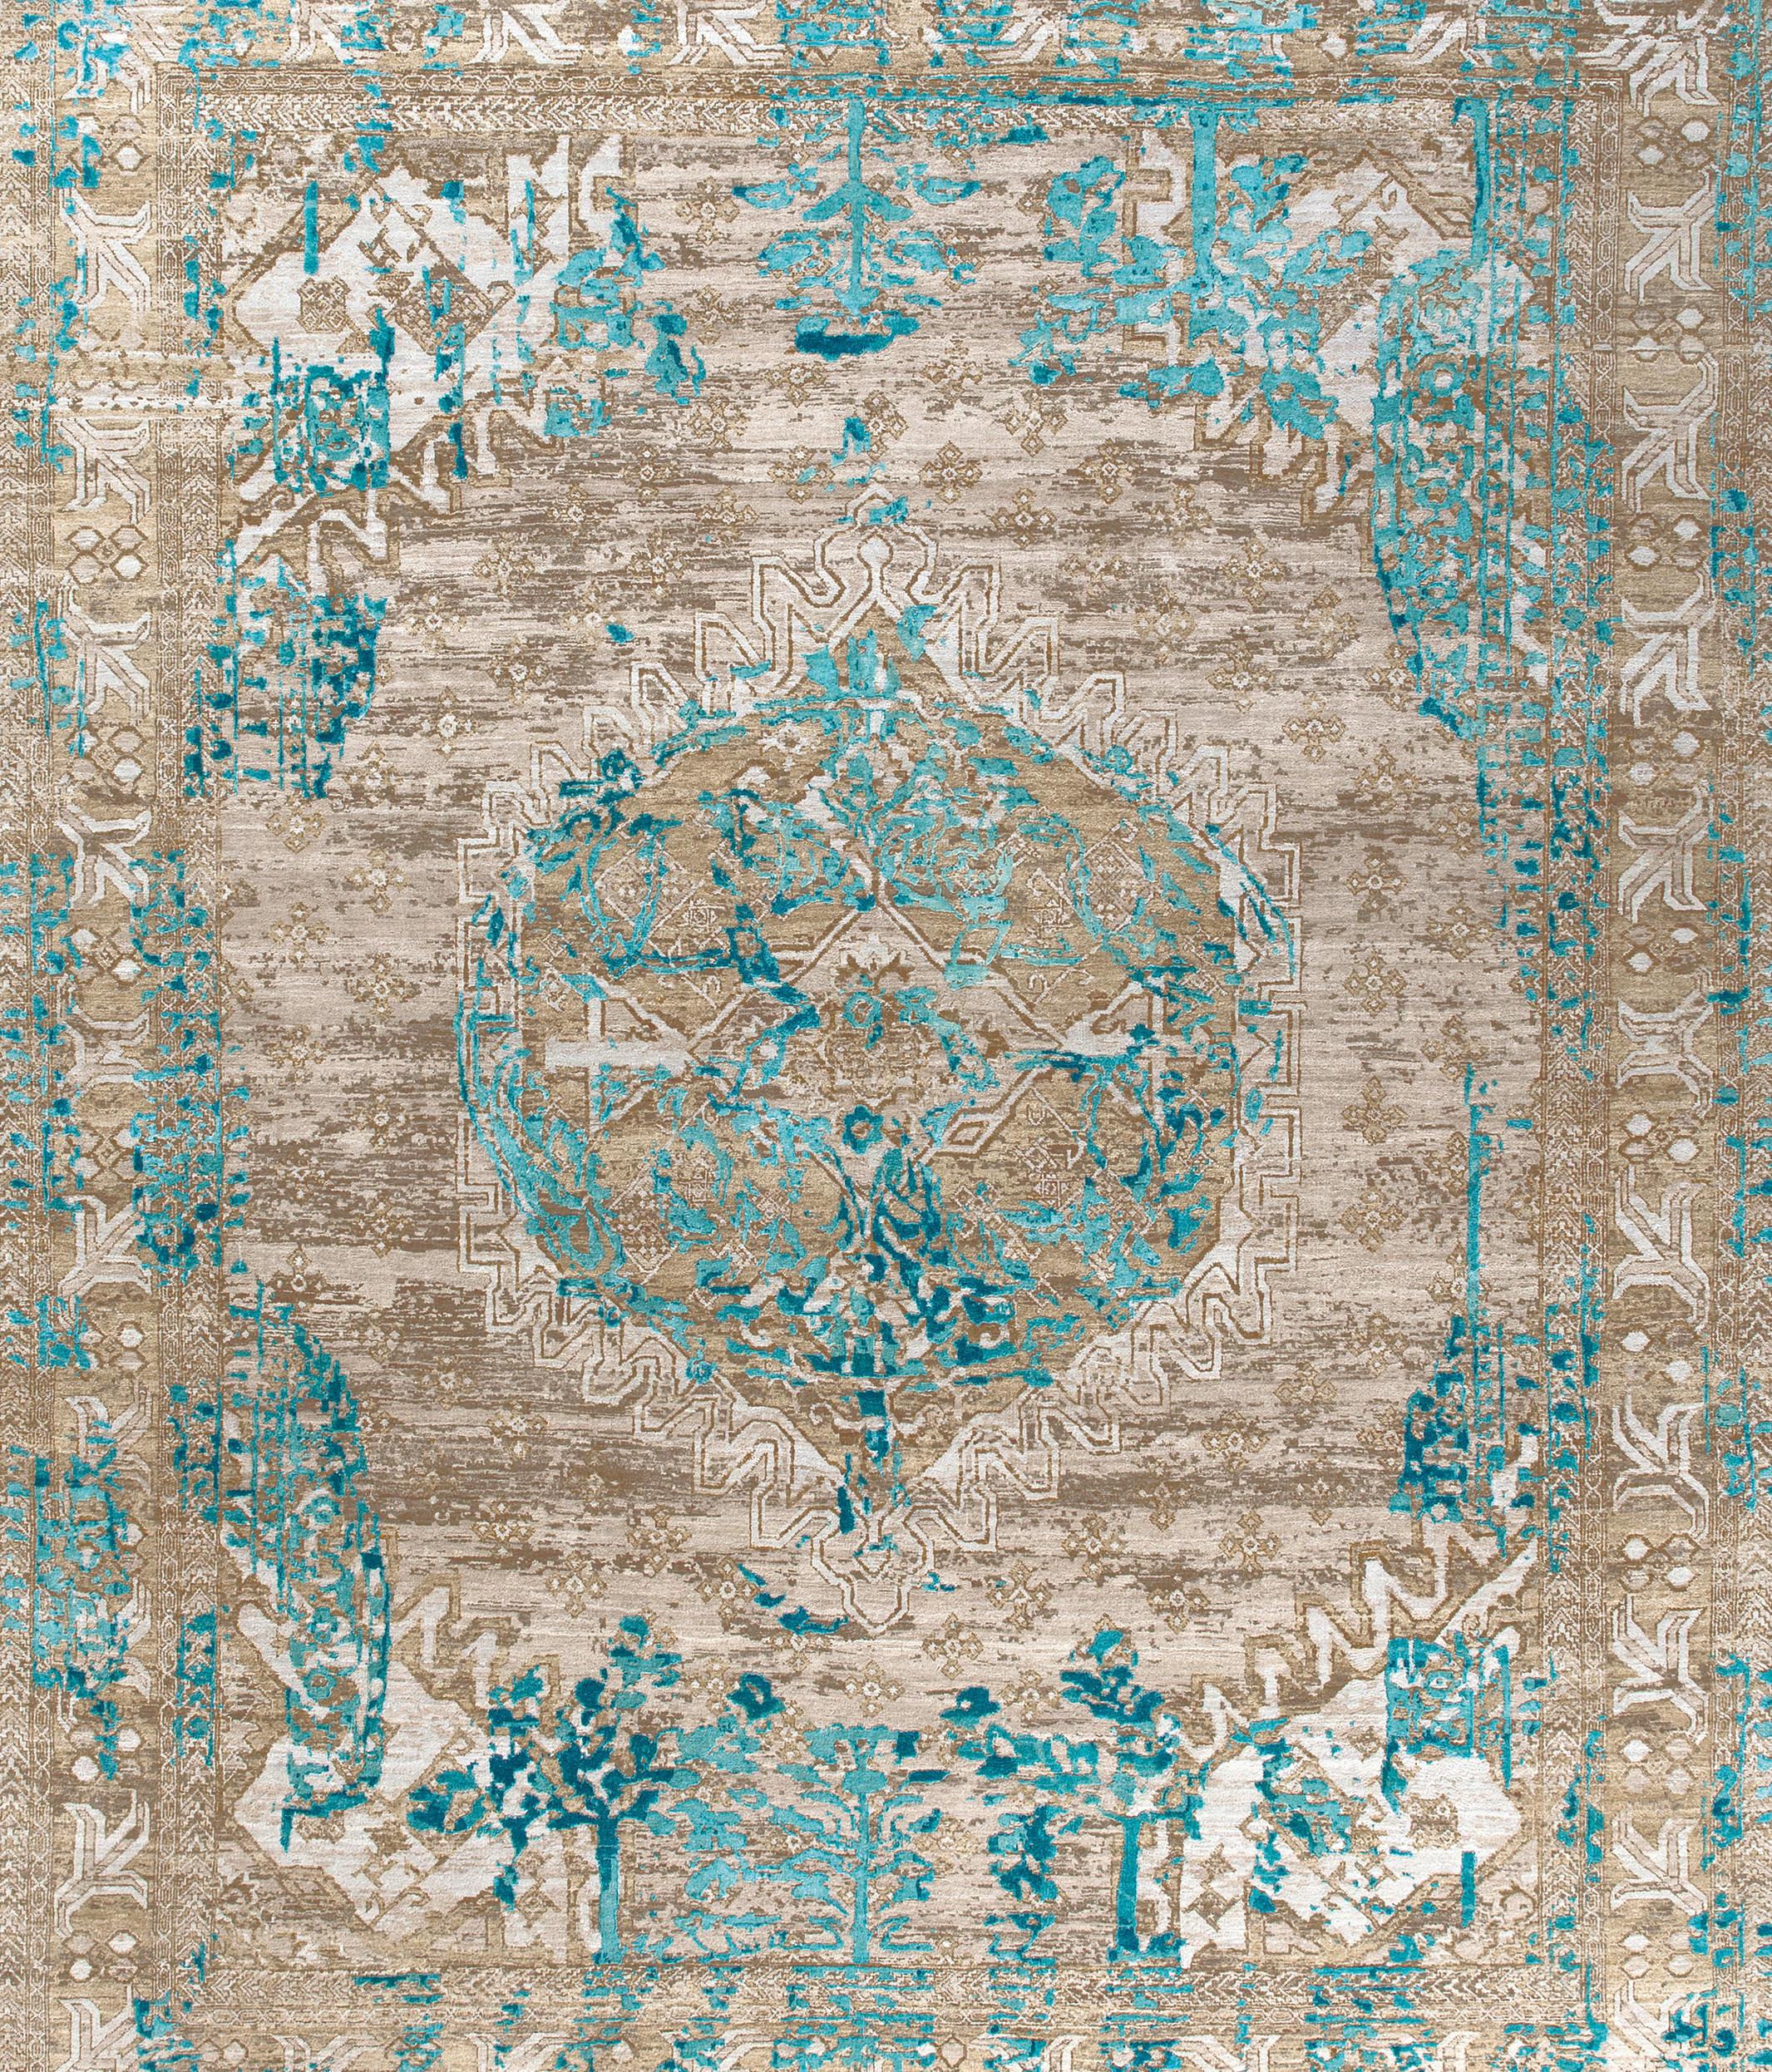 Mystique Turquoise By THIBAULT VAN RENNE